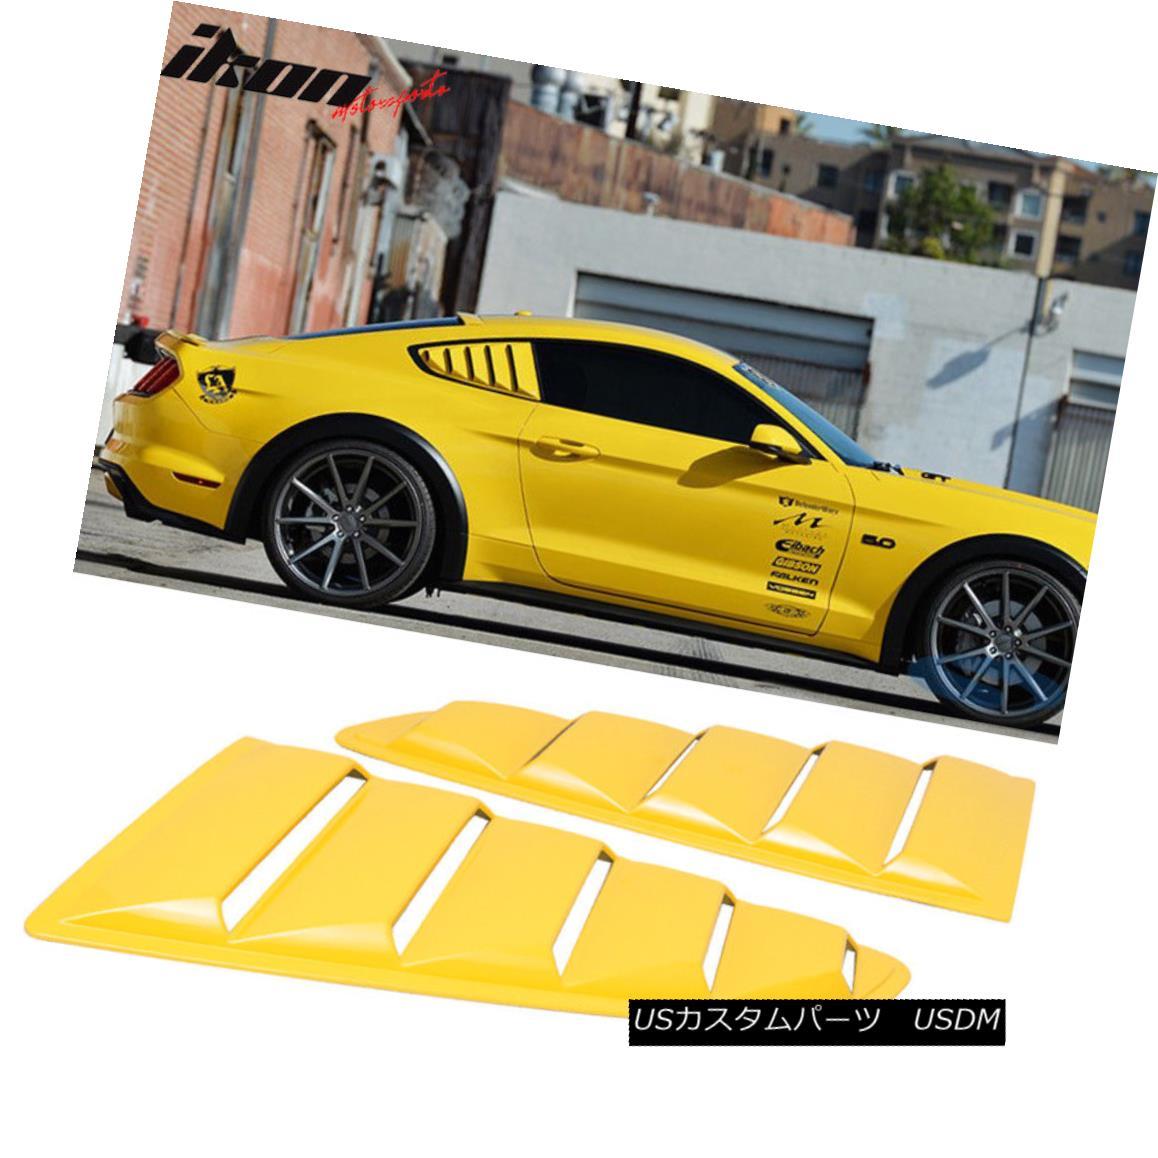 エアロパーツ Fits 15-18 Mustang OE Style Painted #H3 Triple Yellow Side Window Louvers Pair フィット15-18マスタングOEのスタイル塗装#H3トリプルイエローサイドウィンドウのルーバーペア